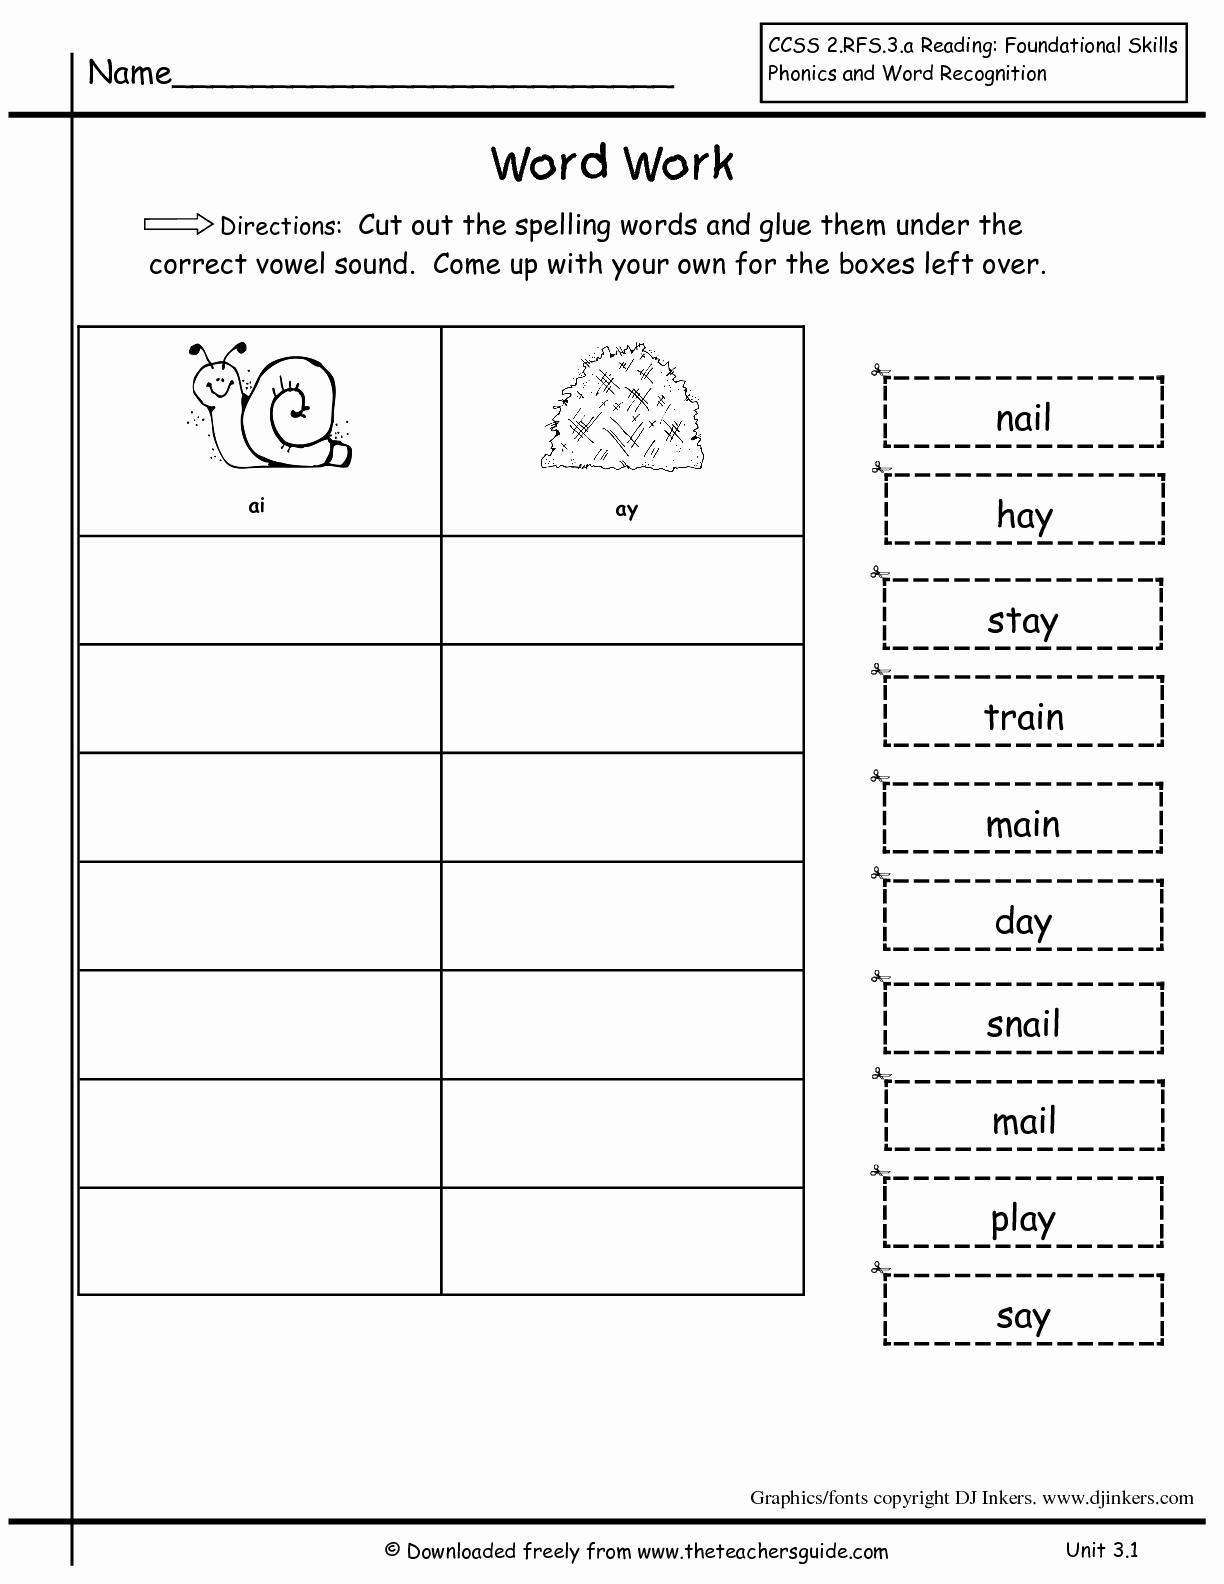 Spelling Worksheets 2nd Graders Luxury 2nd Grade Spelling Worksheets to Printable 2nd Grade